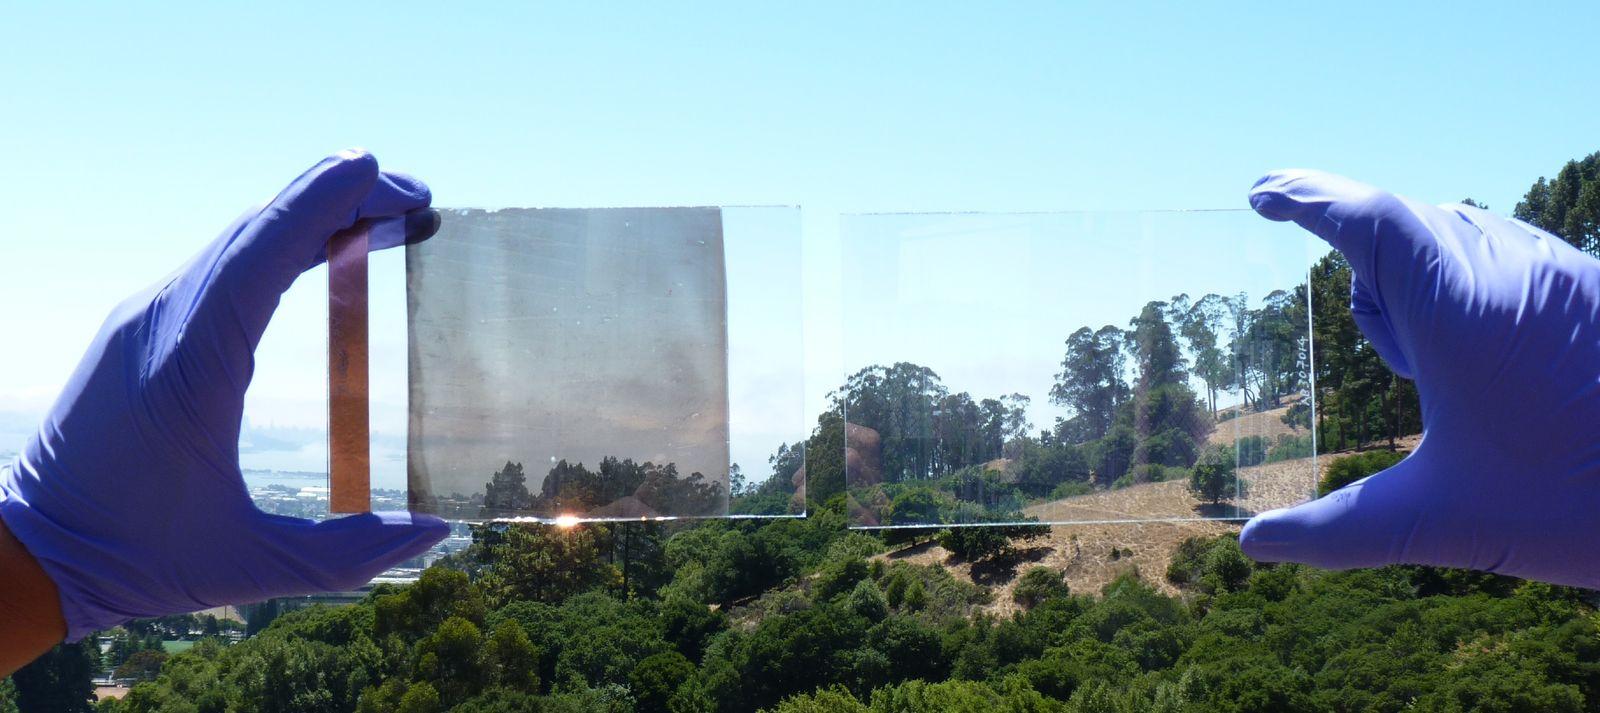 EINMALIGE VERWENDUNG Stromschaltbares undurchsichtiges Fensterglas EMBARGO 13. AUGUST 19 UHR!